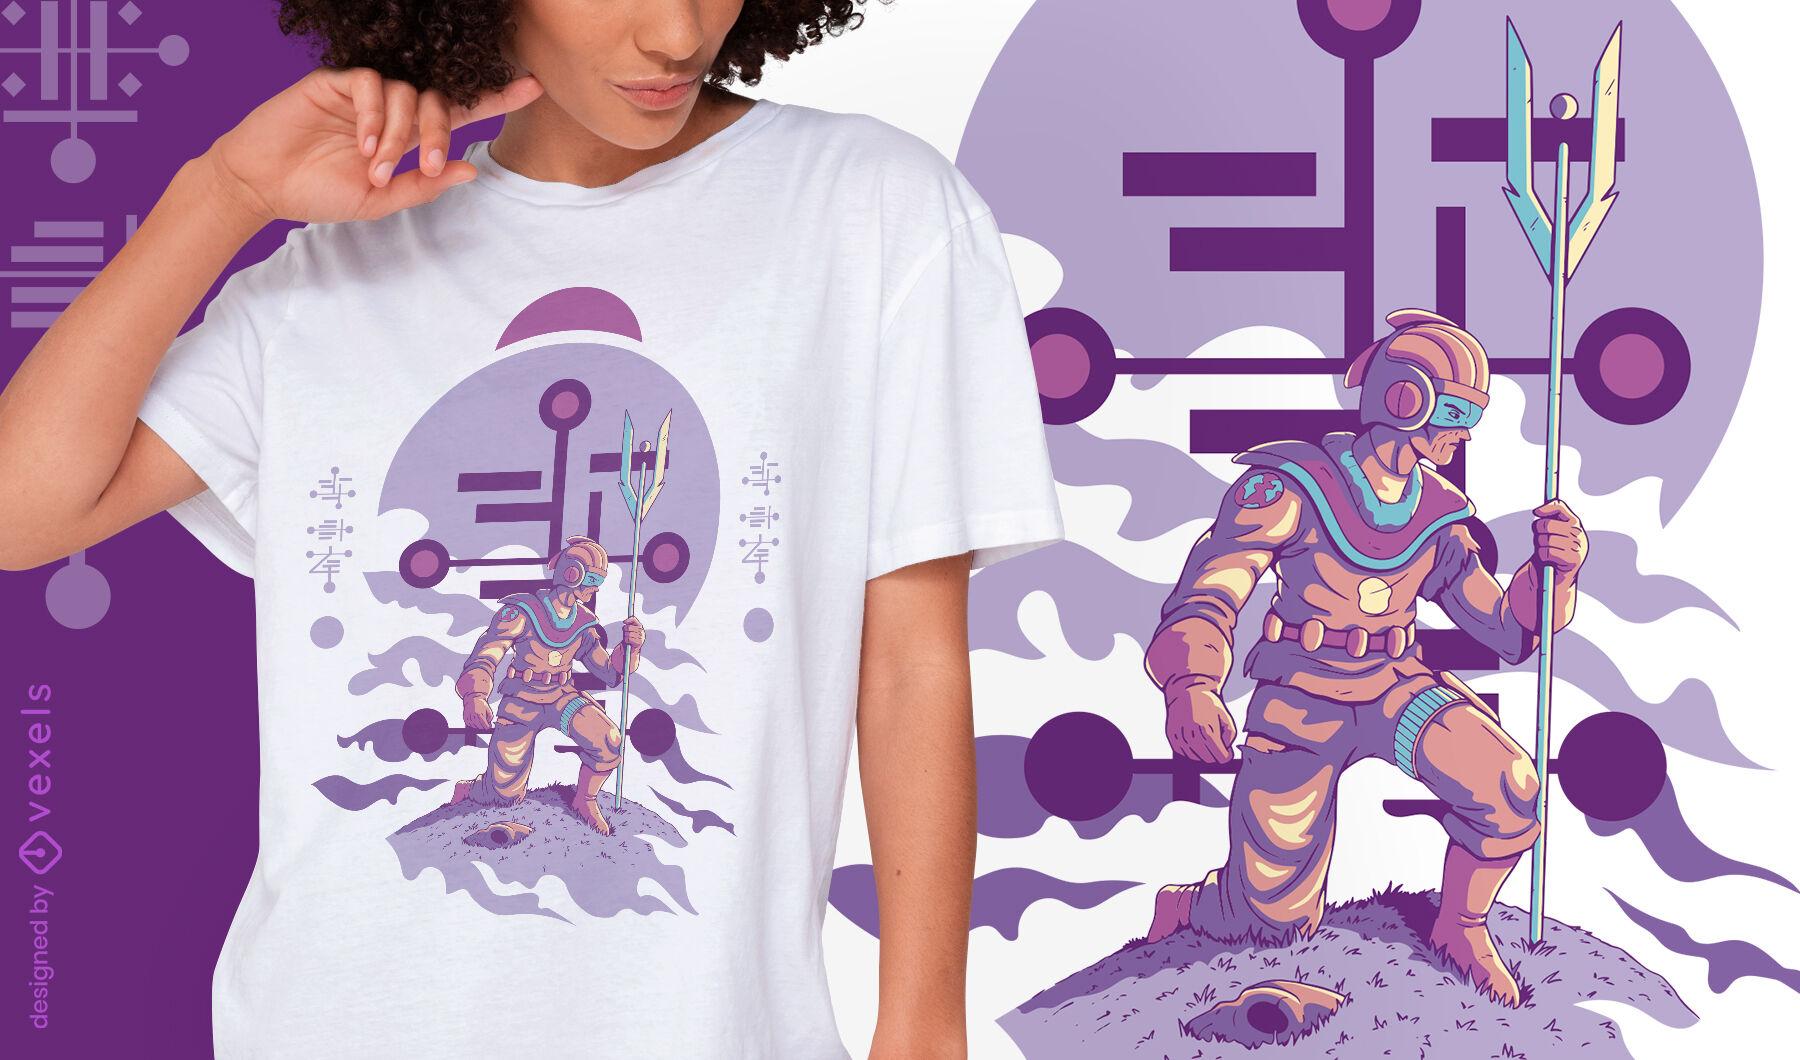 Humanoid alien kneeling with staff and helmet t-shirt design